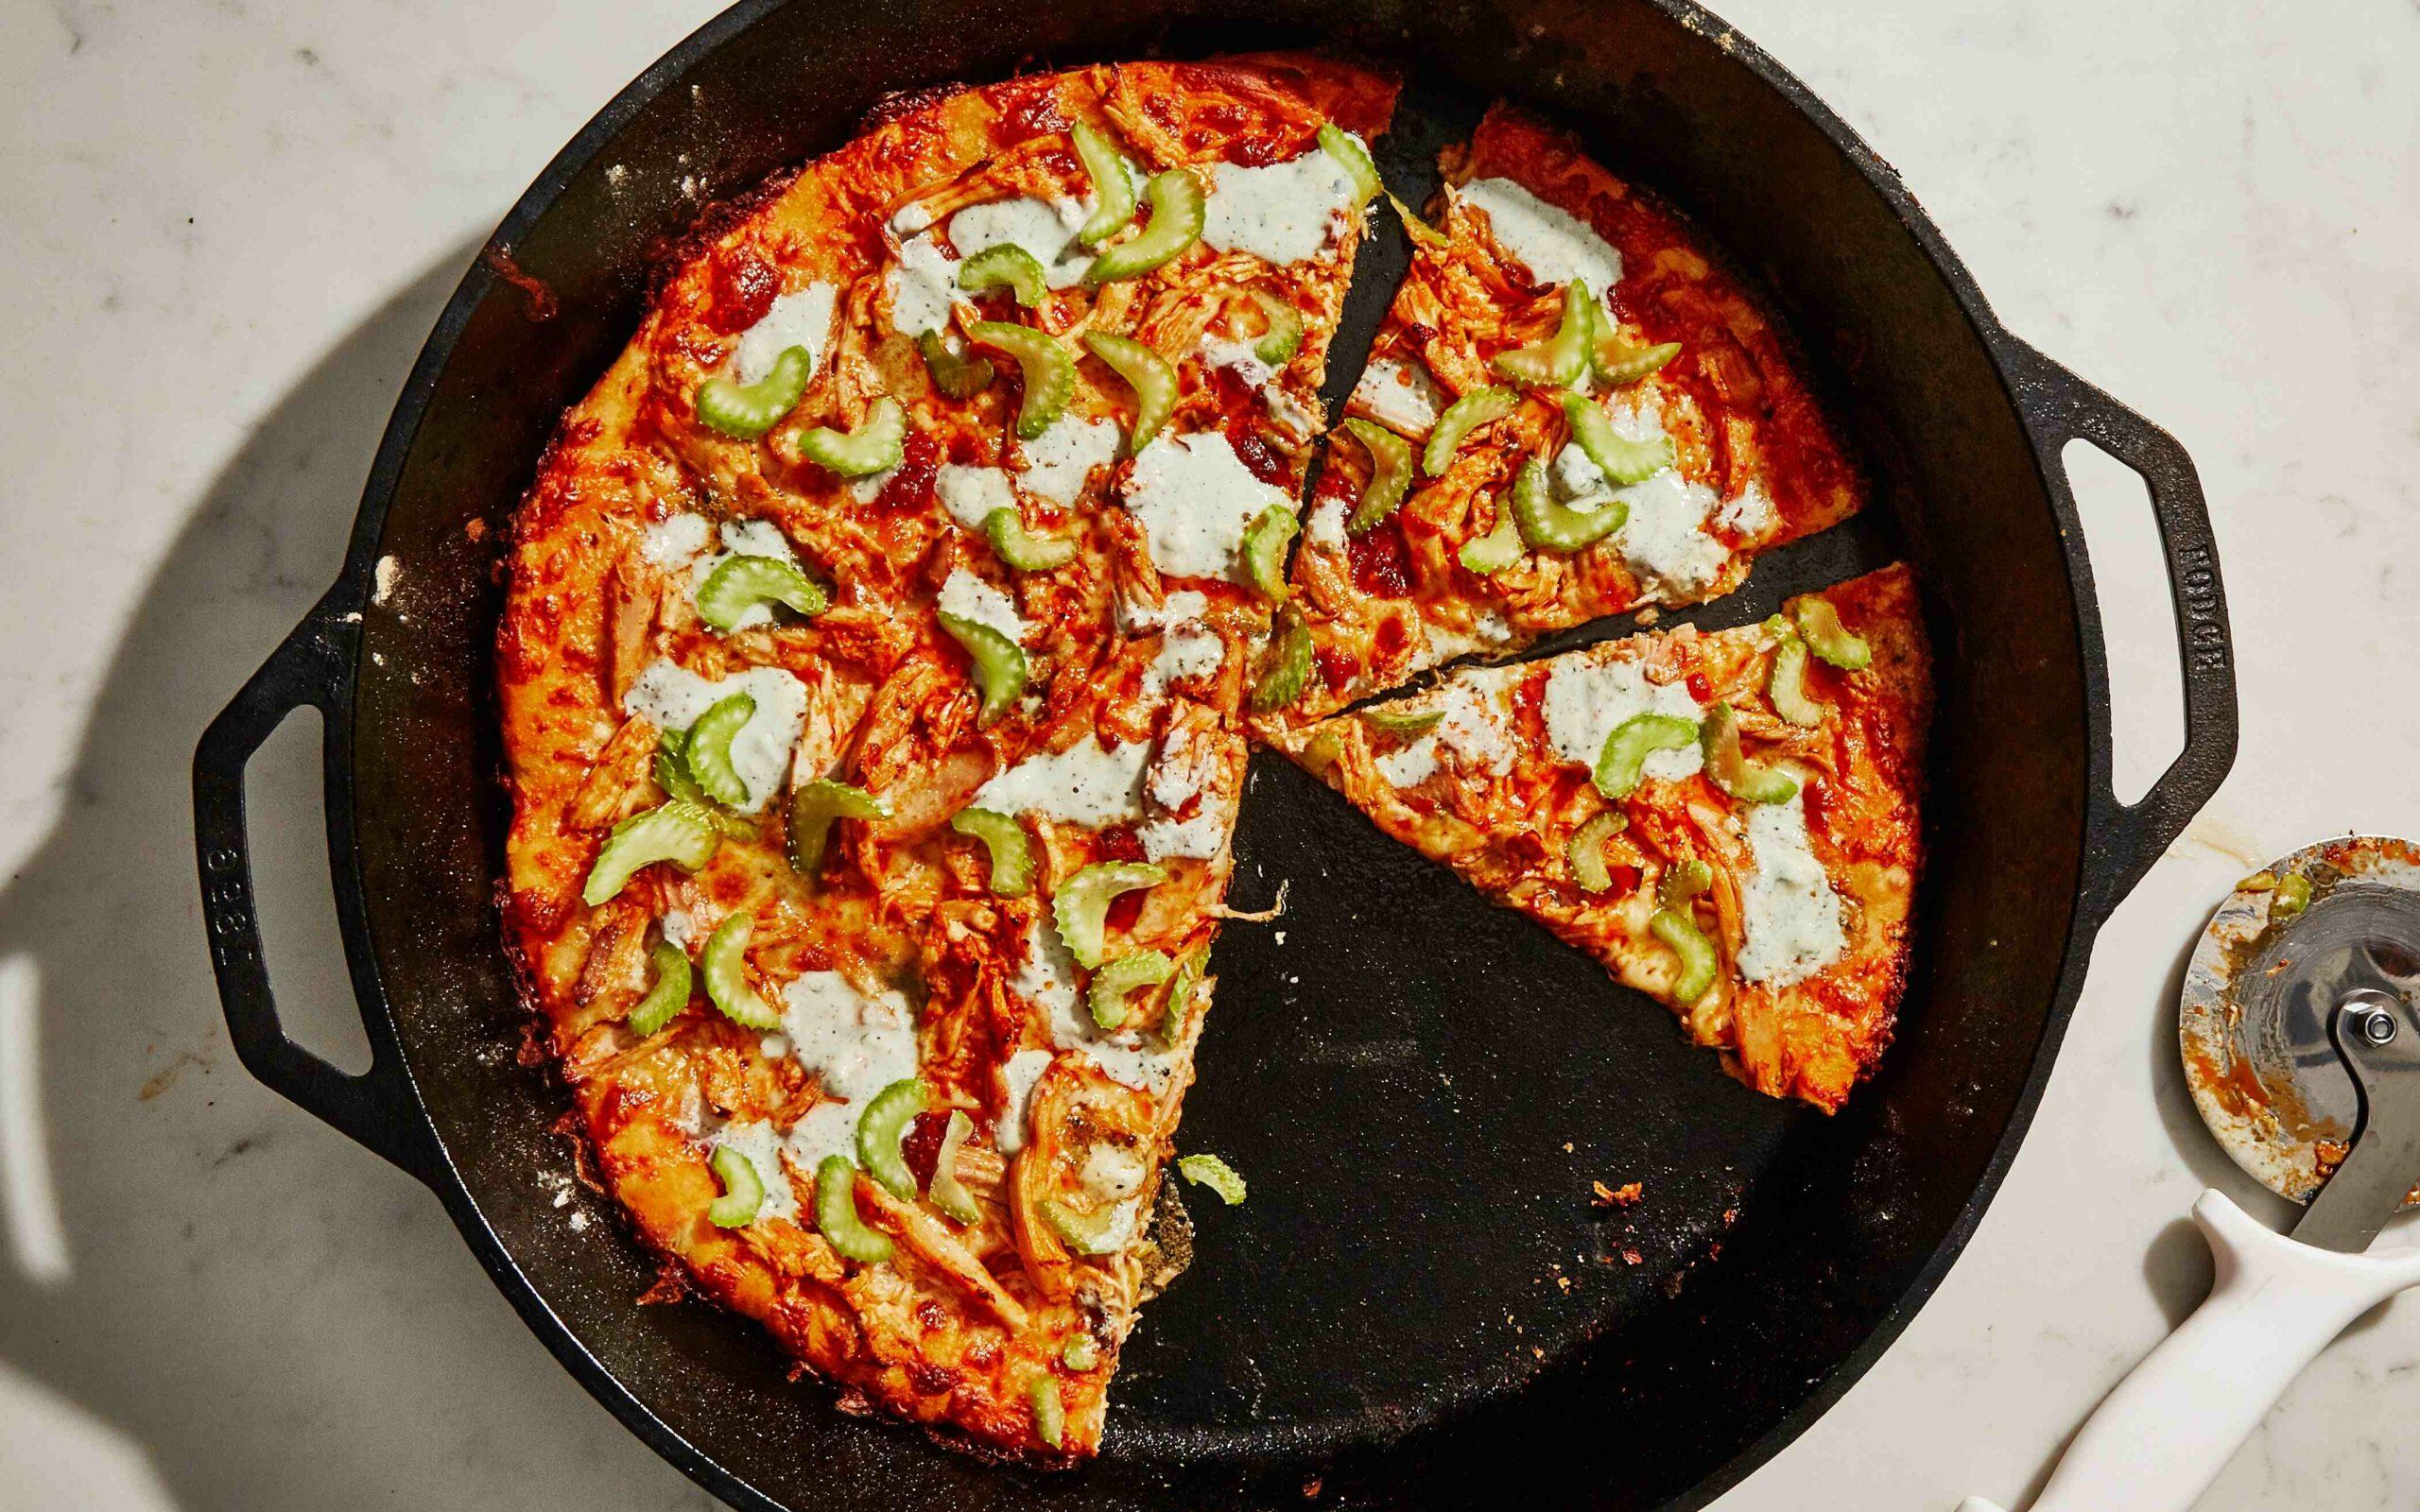 Comment faire une pizza américaine au poulet